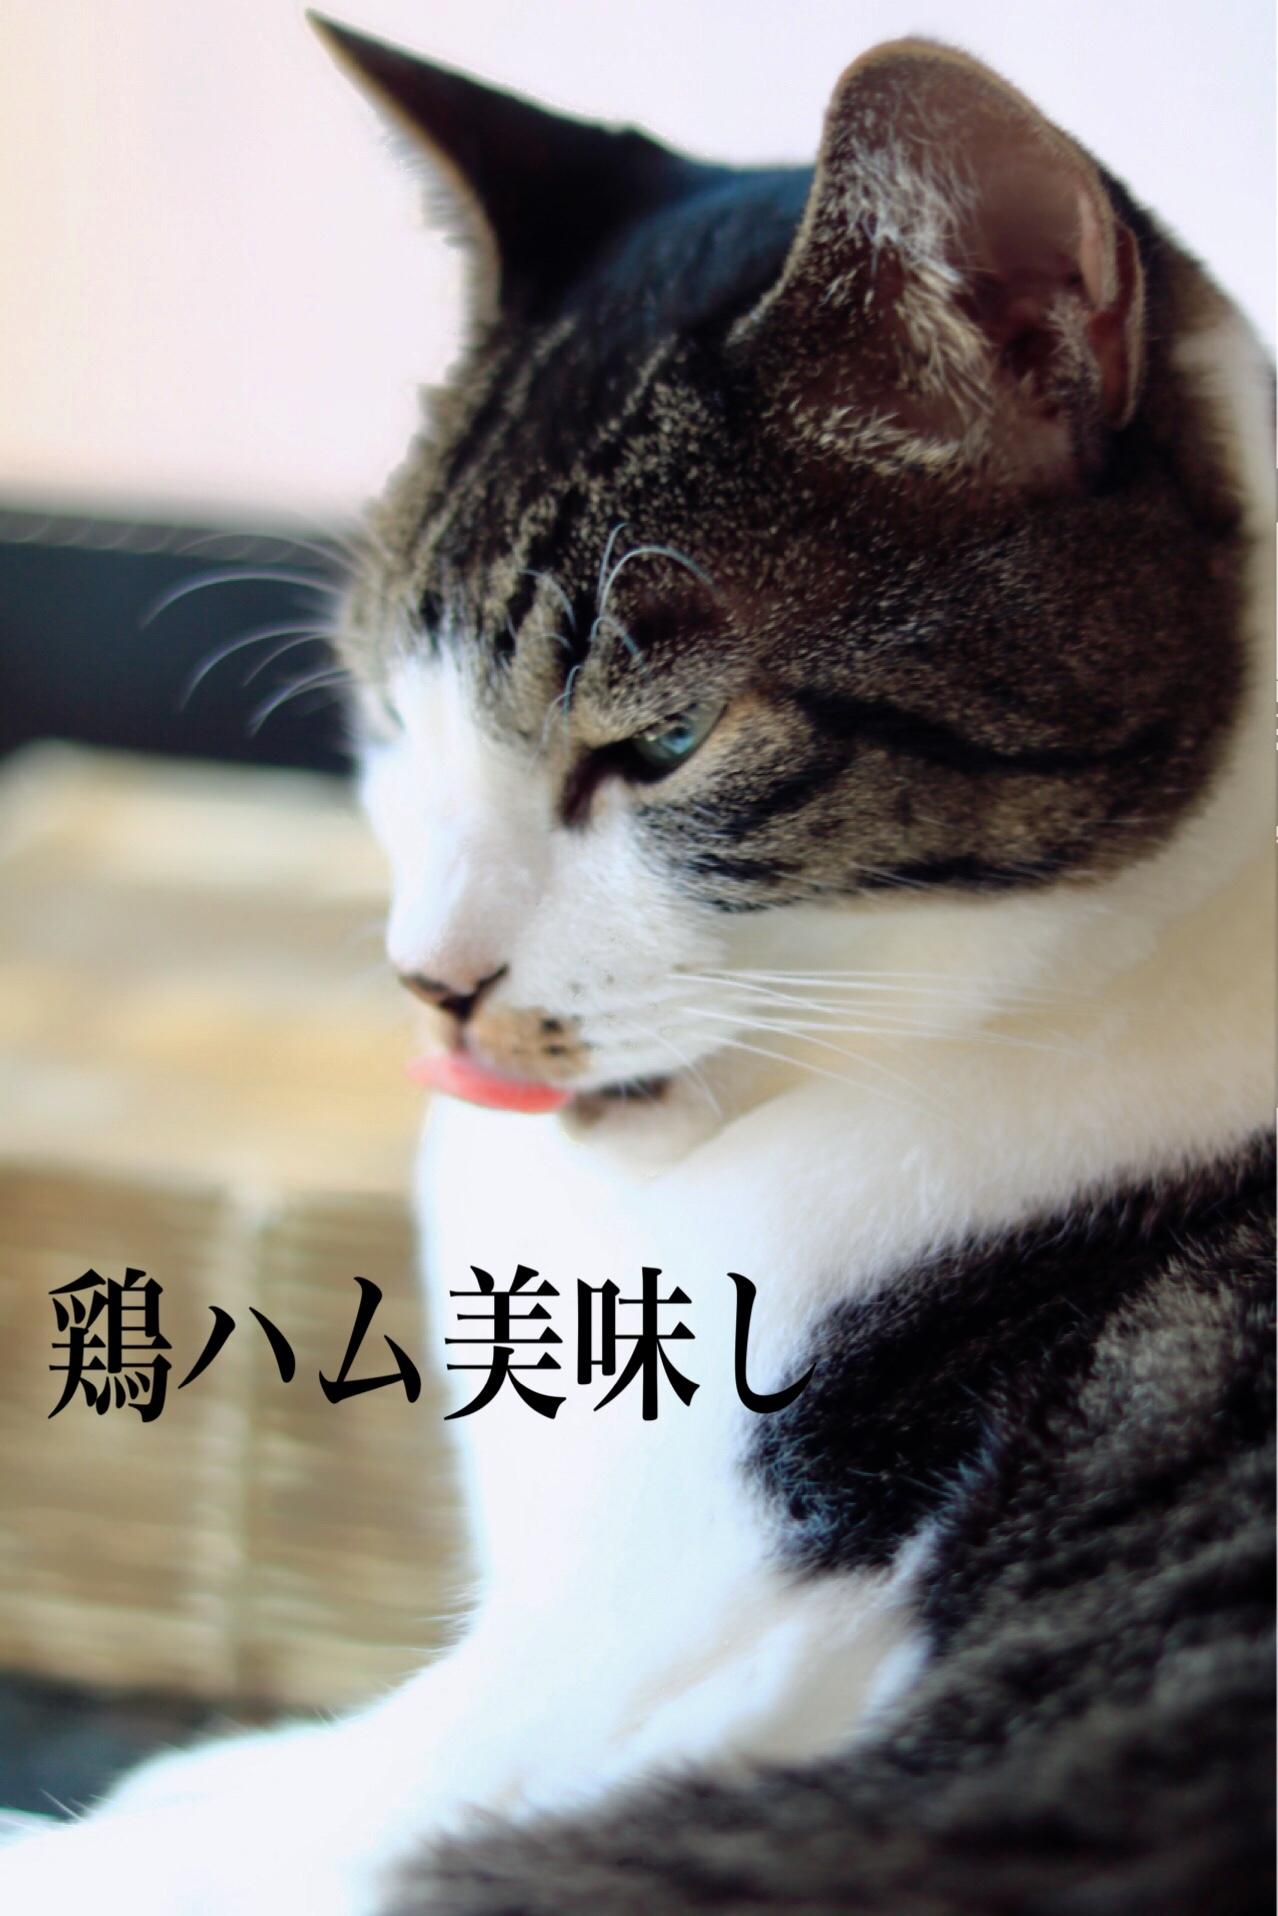 にゃんこ劇場「秋の俳句!」_c0366722_20563398.jpeg